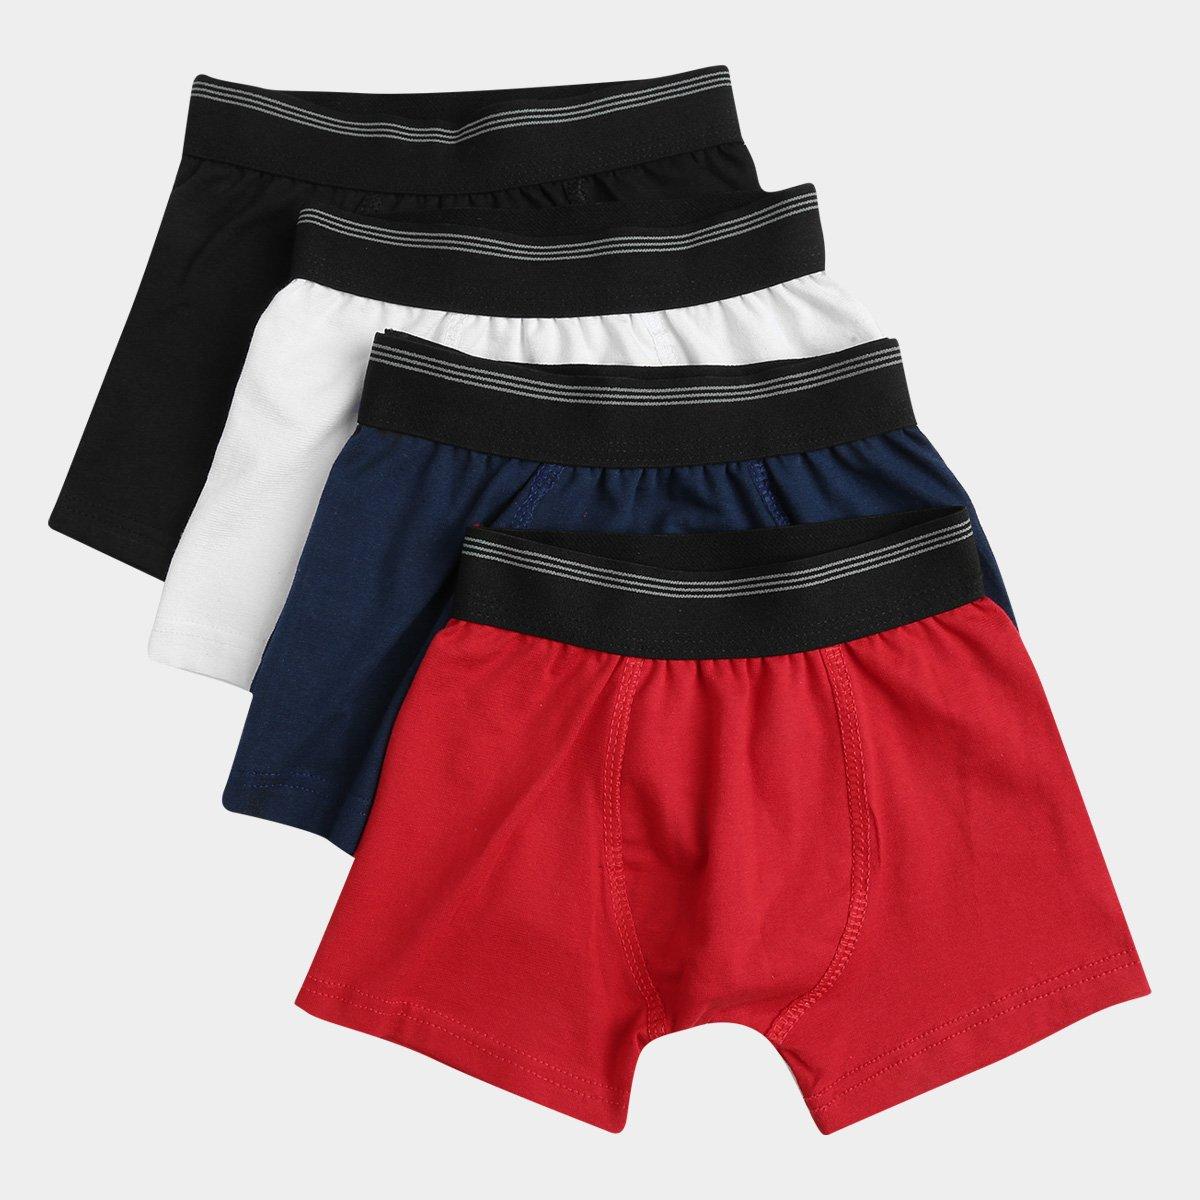 ddc3b7ee463 Kit De Cueca Boxer Infantil UNW Elástico Listras 4 Peças